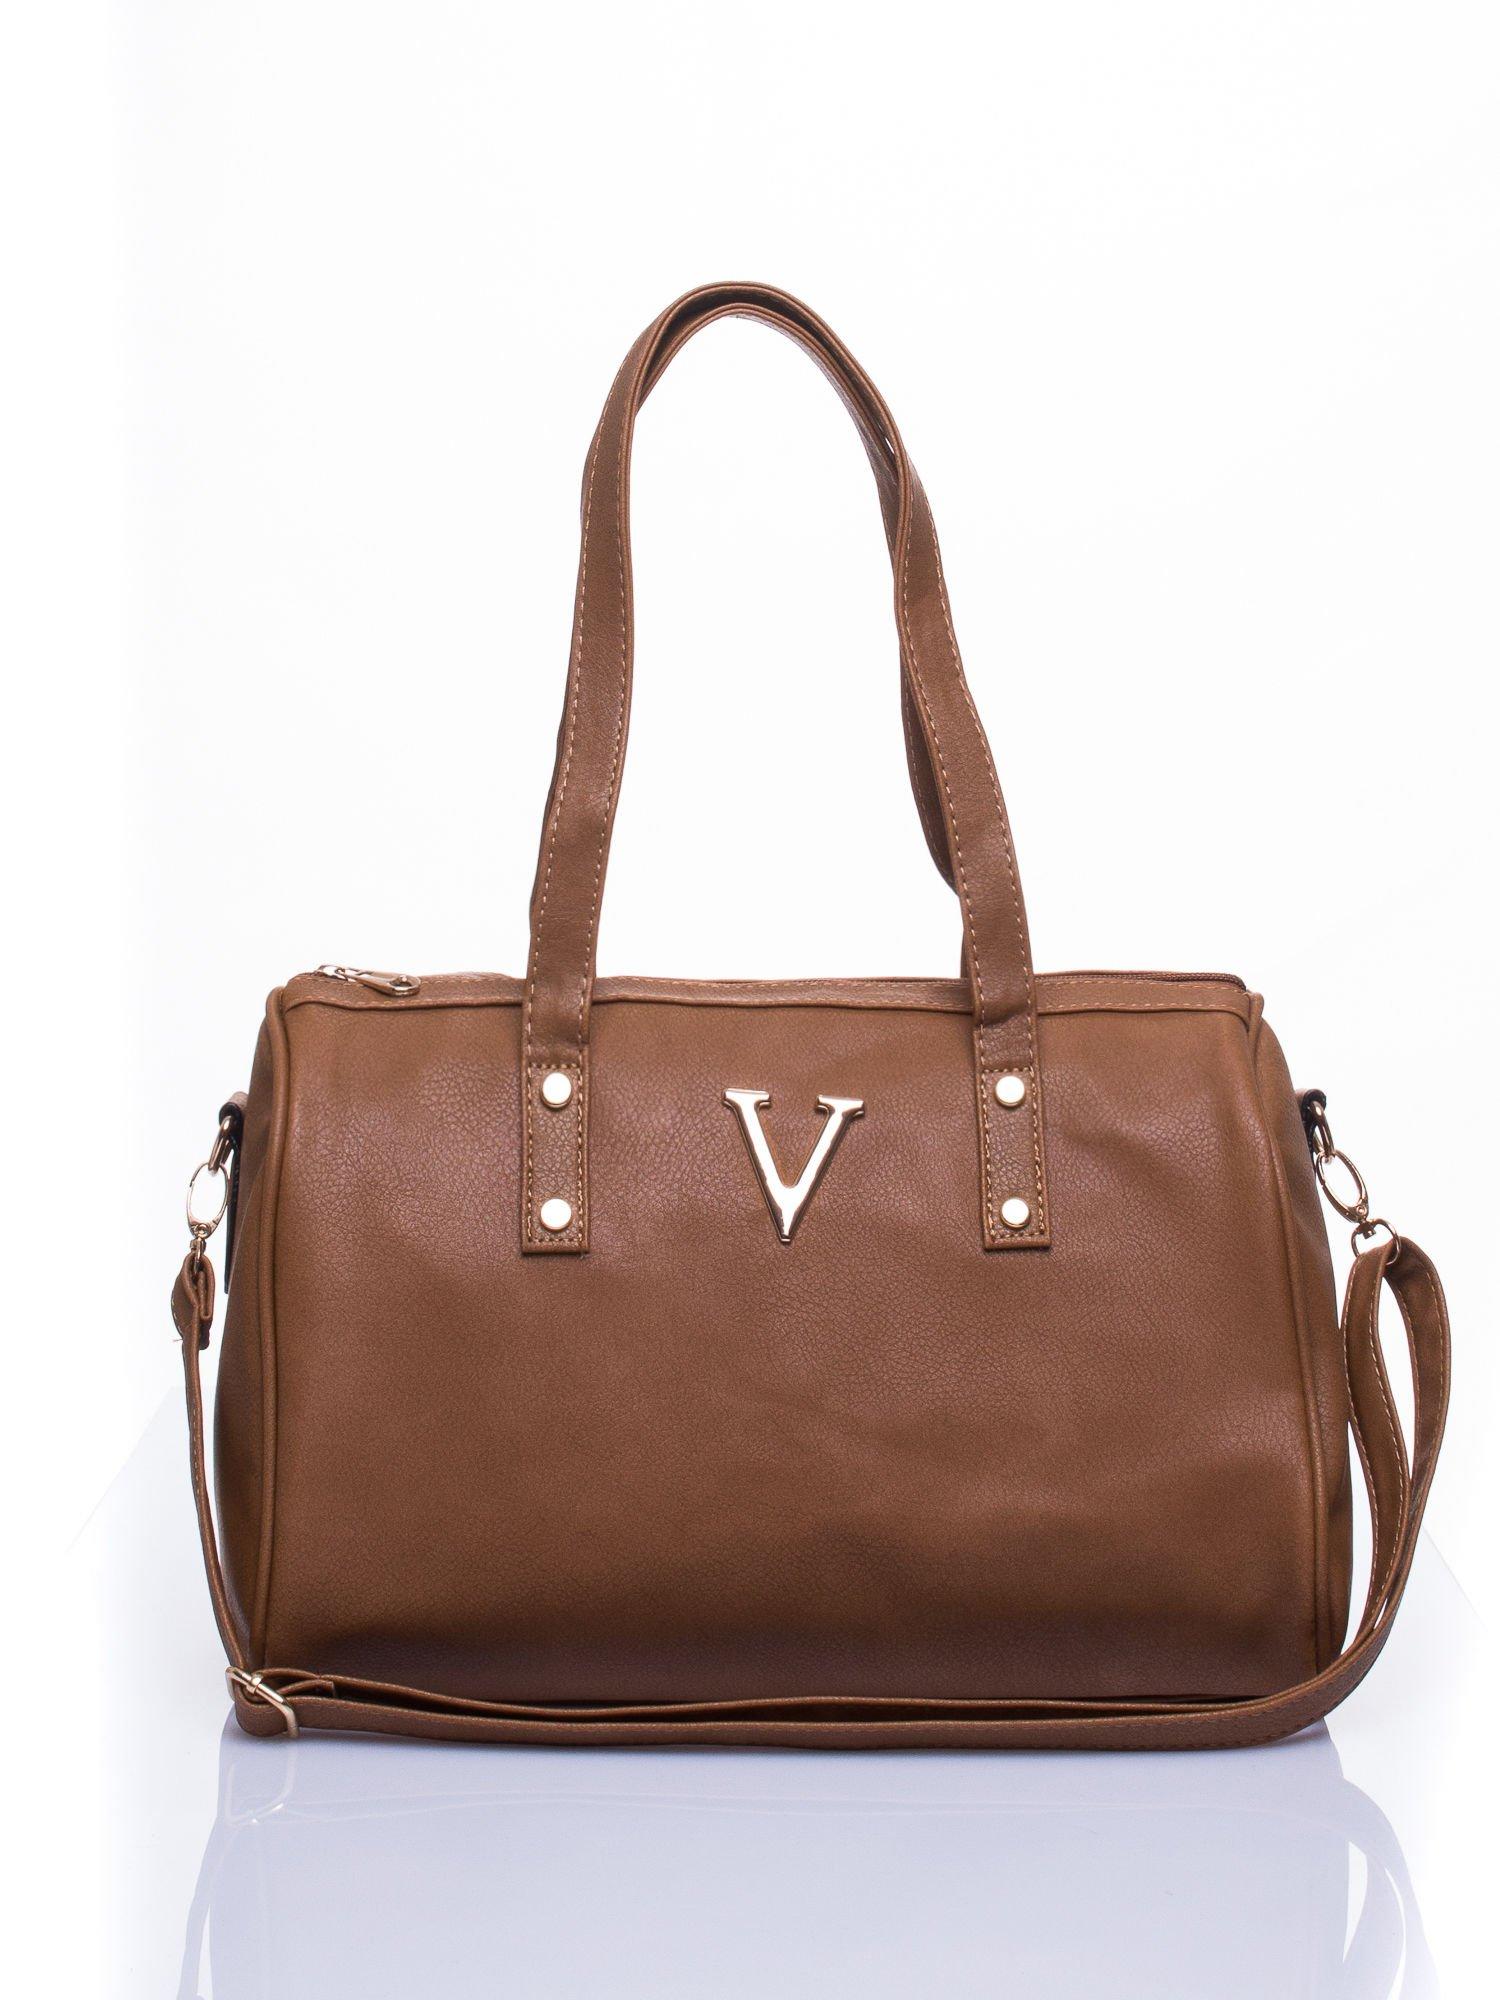 Ciemnobrązowa torba na ramię ze złotym emblematem                                  zdj.                                  2